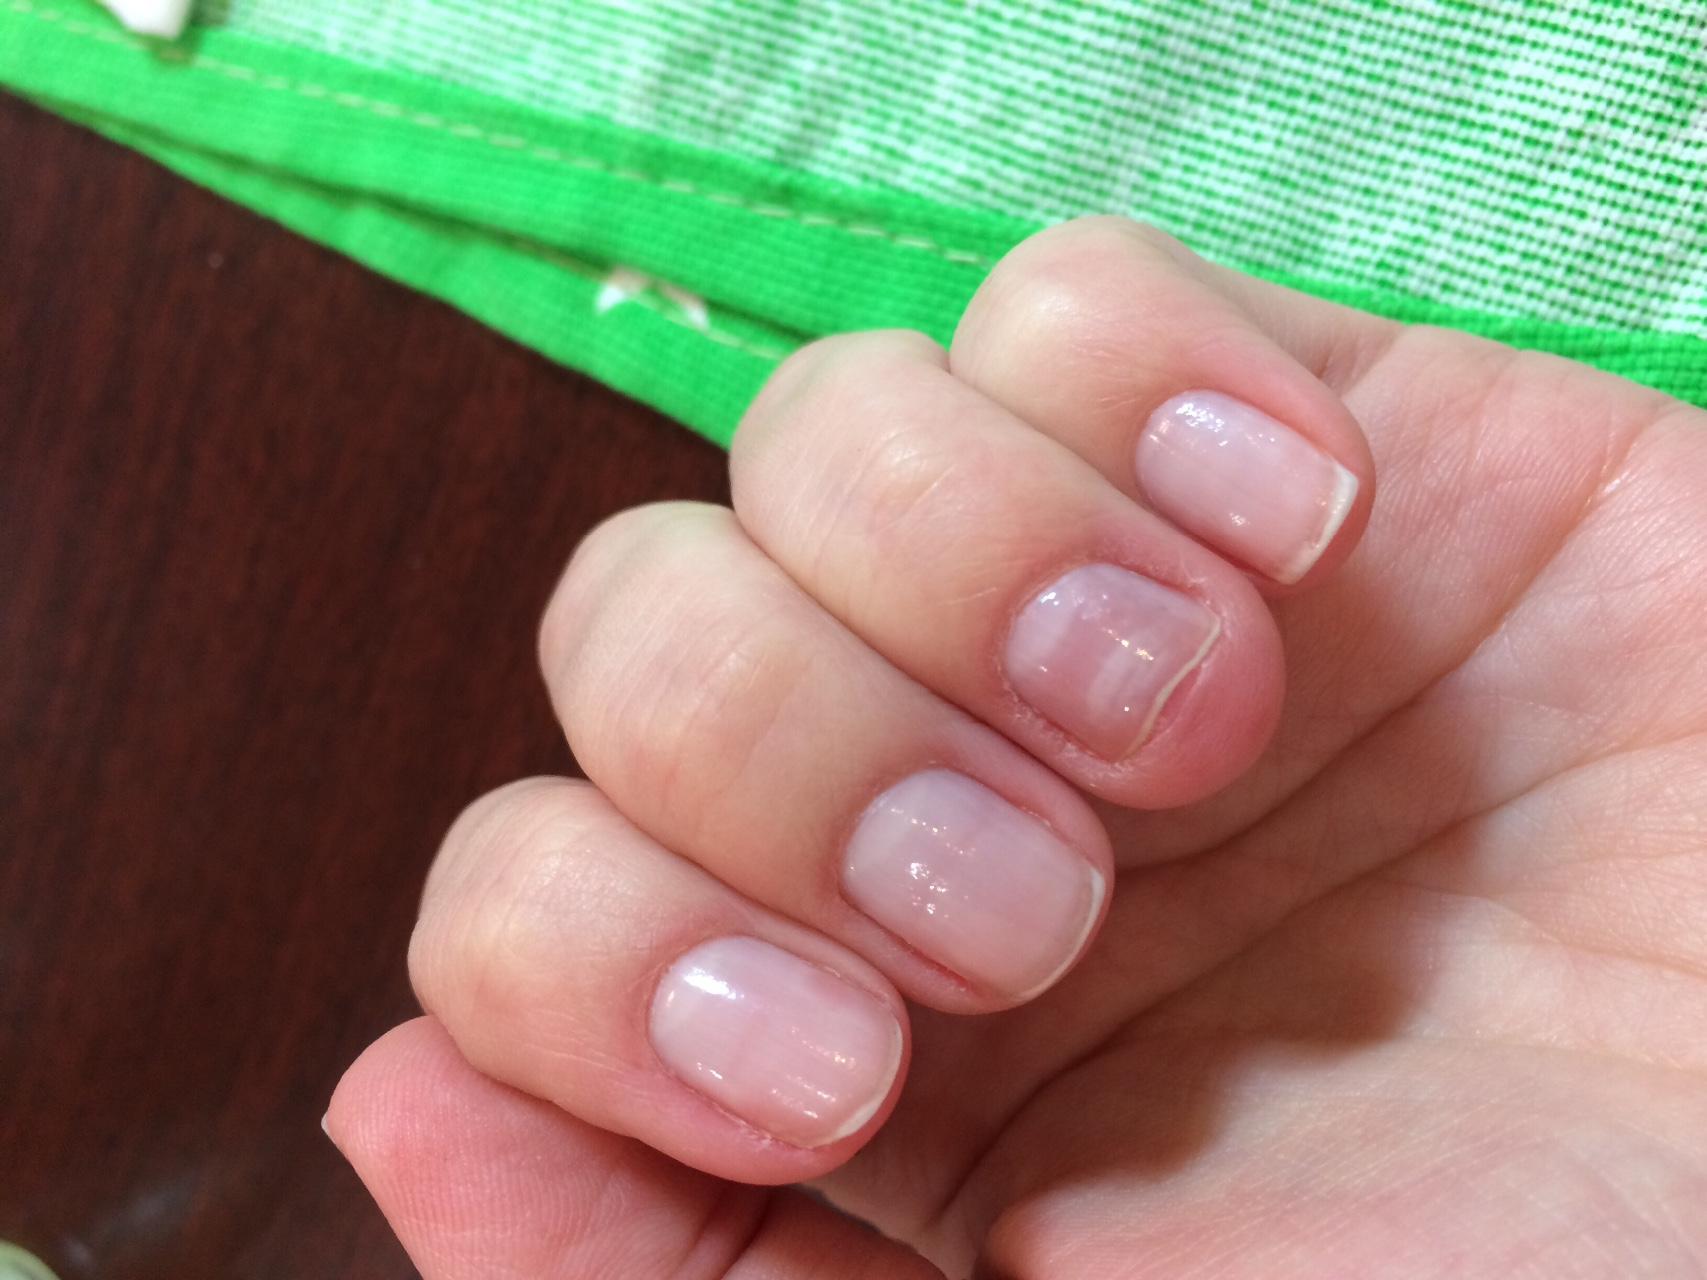 Почему на ногтях рук появляются вмятины? (фото)